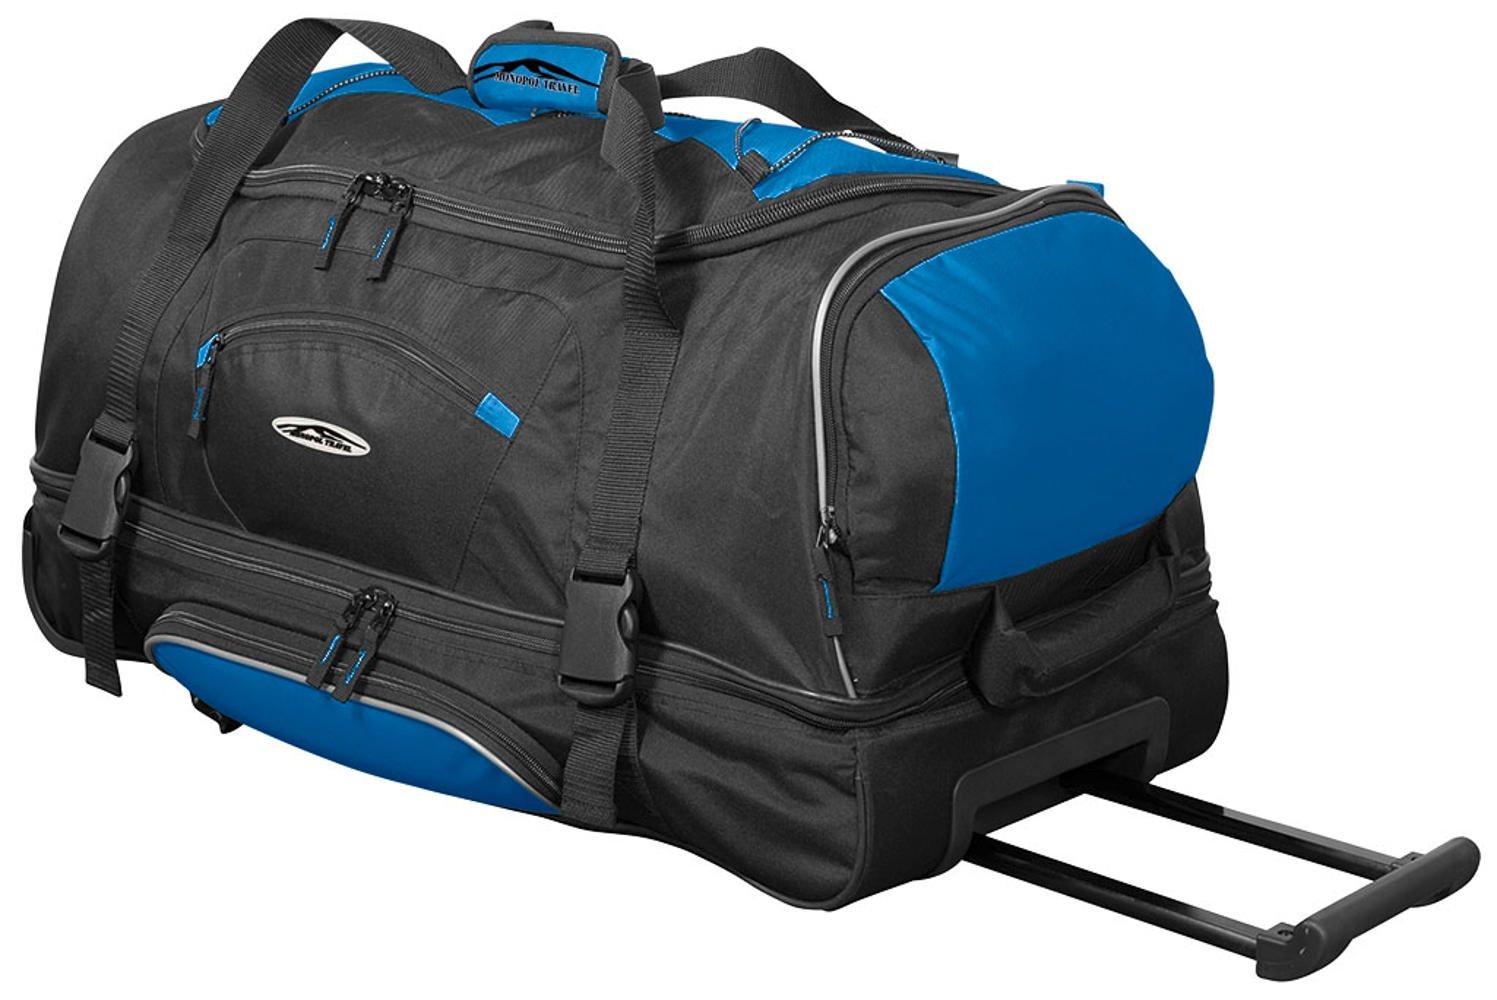 Benzi wheelbag sac de voyage à roulettes trolley noir/rouge-taille xL fdfHf0L